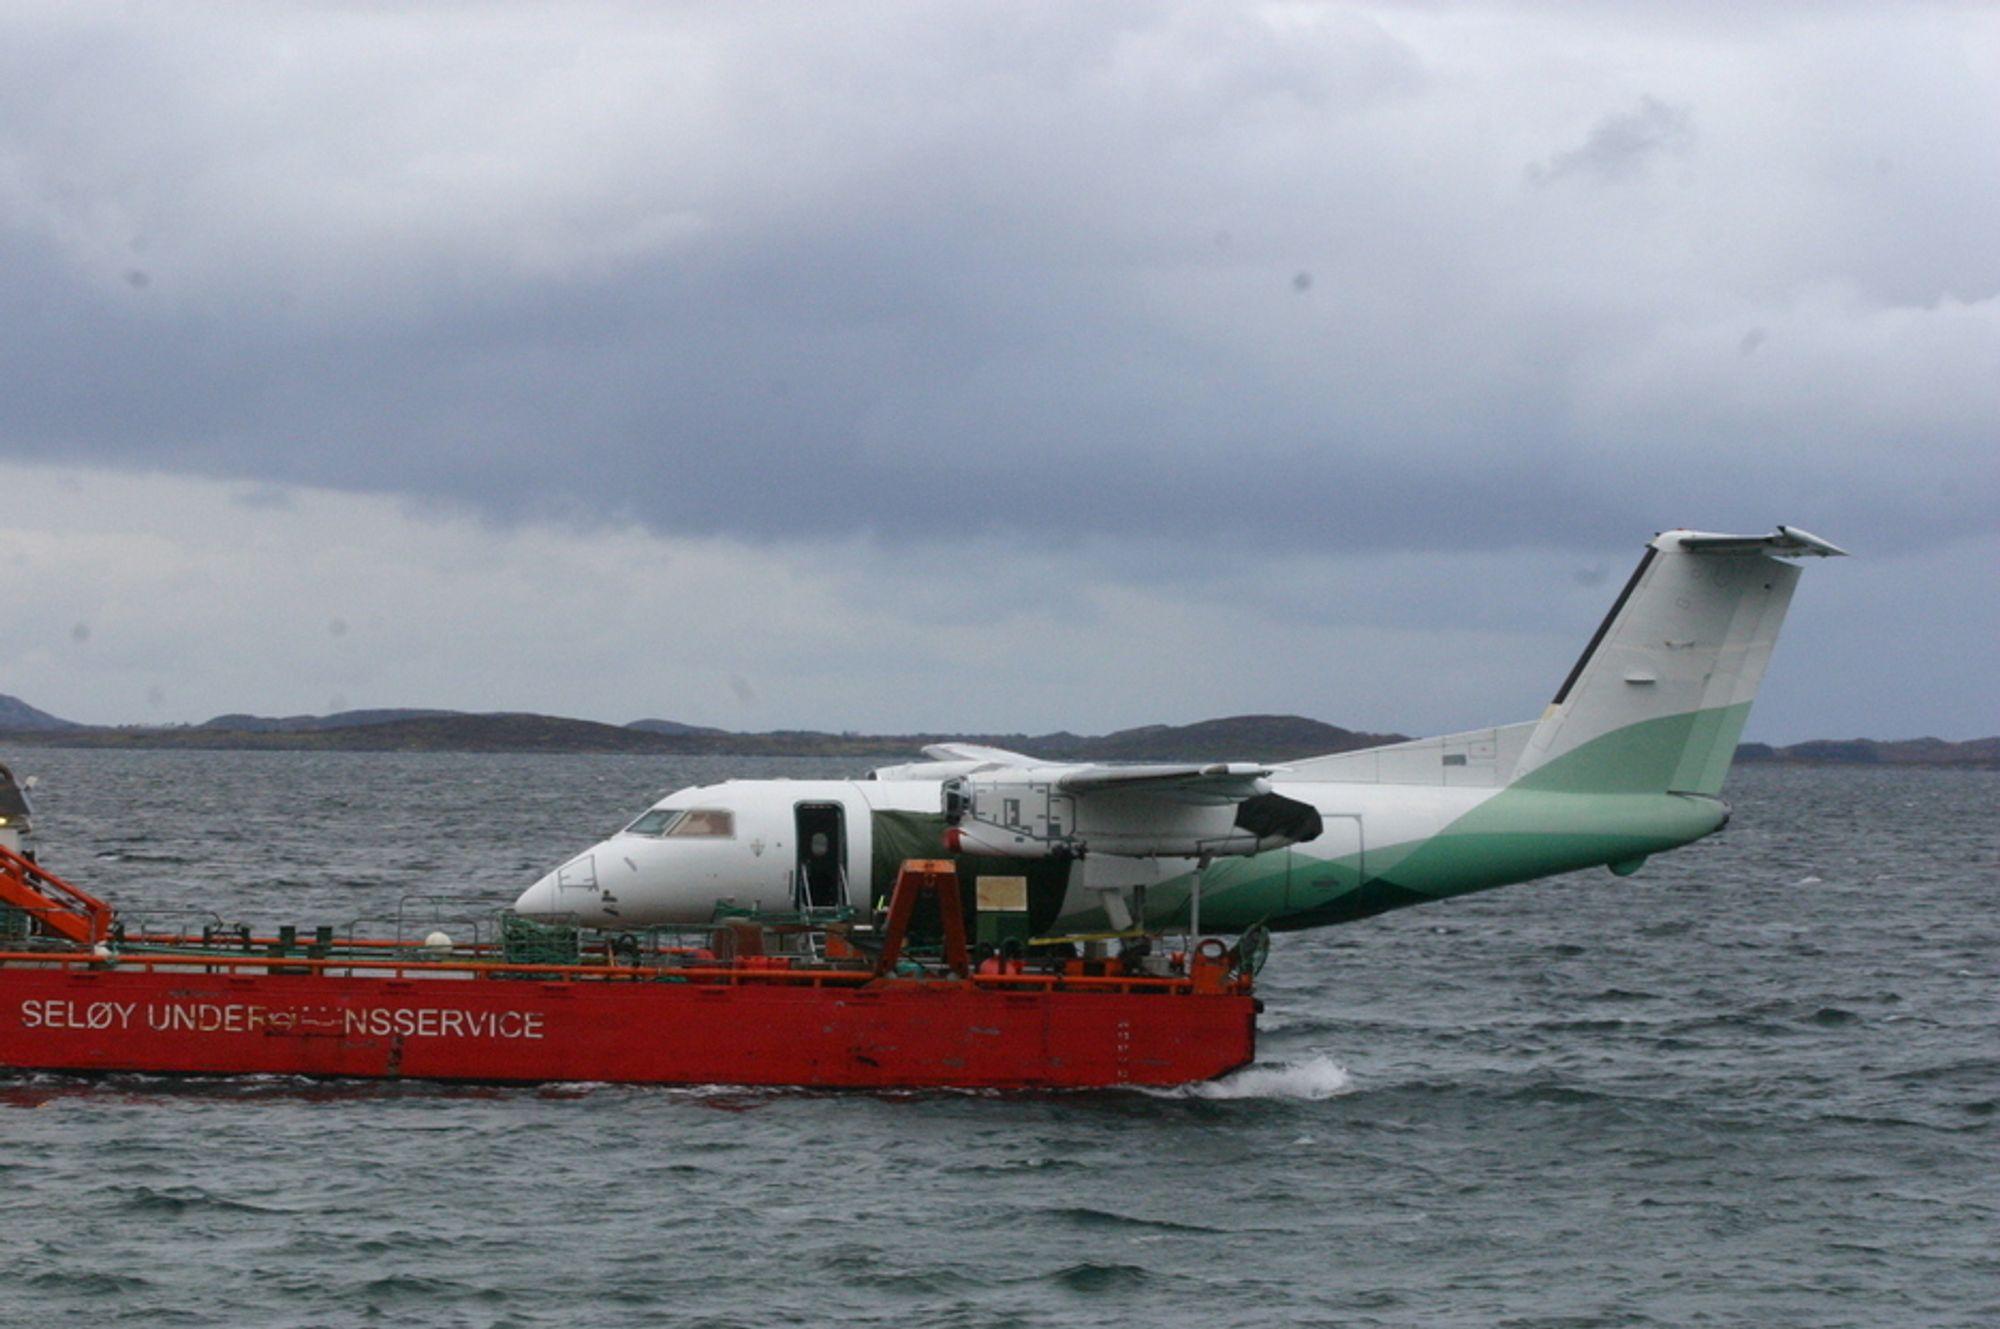 Dash-8-flyet fra Widerøe fikk høyre hovedunderstell ødelagt i en ulykke på Stokka i 2010 og ble fraktet sjøveien til Bodø. Nå er den endelige havarirapporter rett rundt hjørnet, varsler SHT.